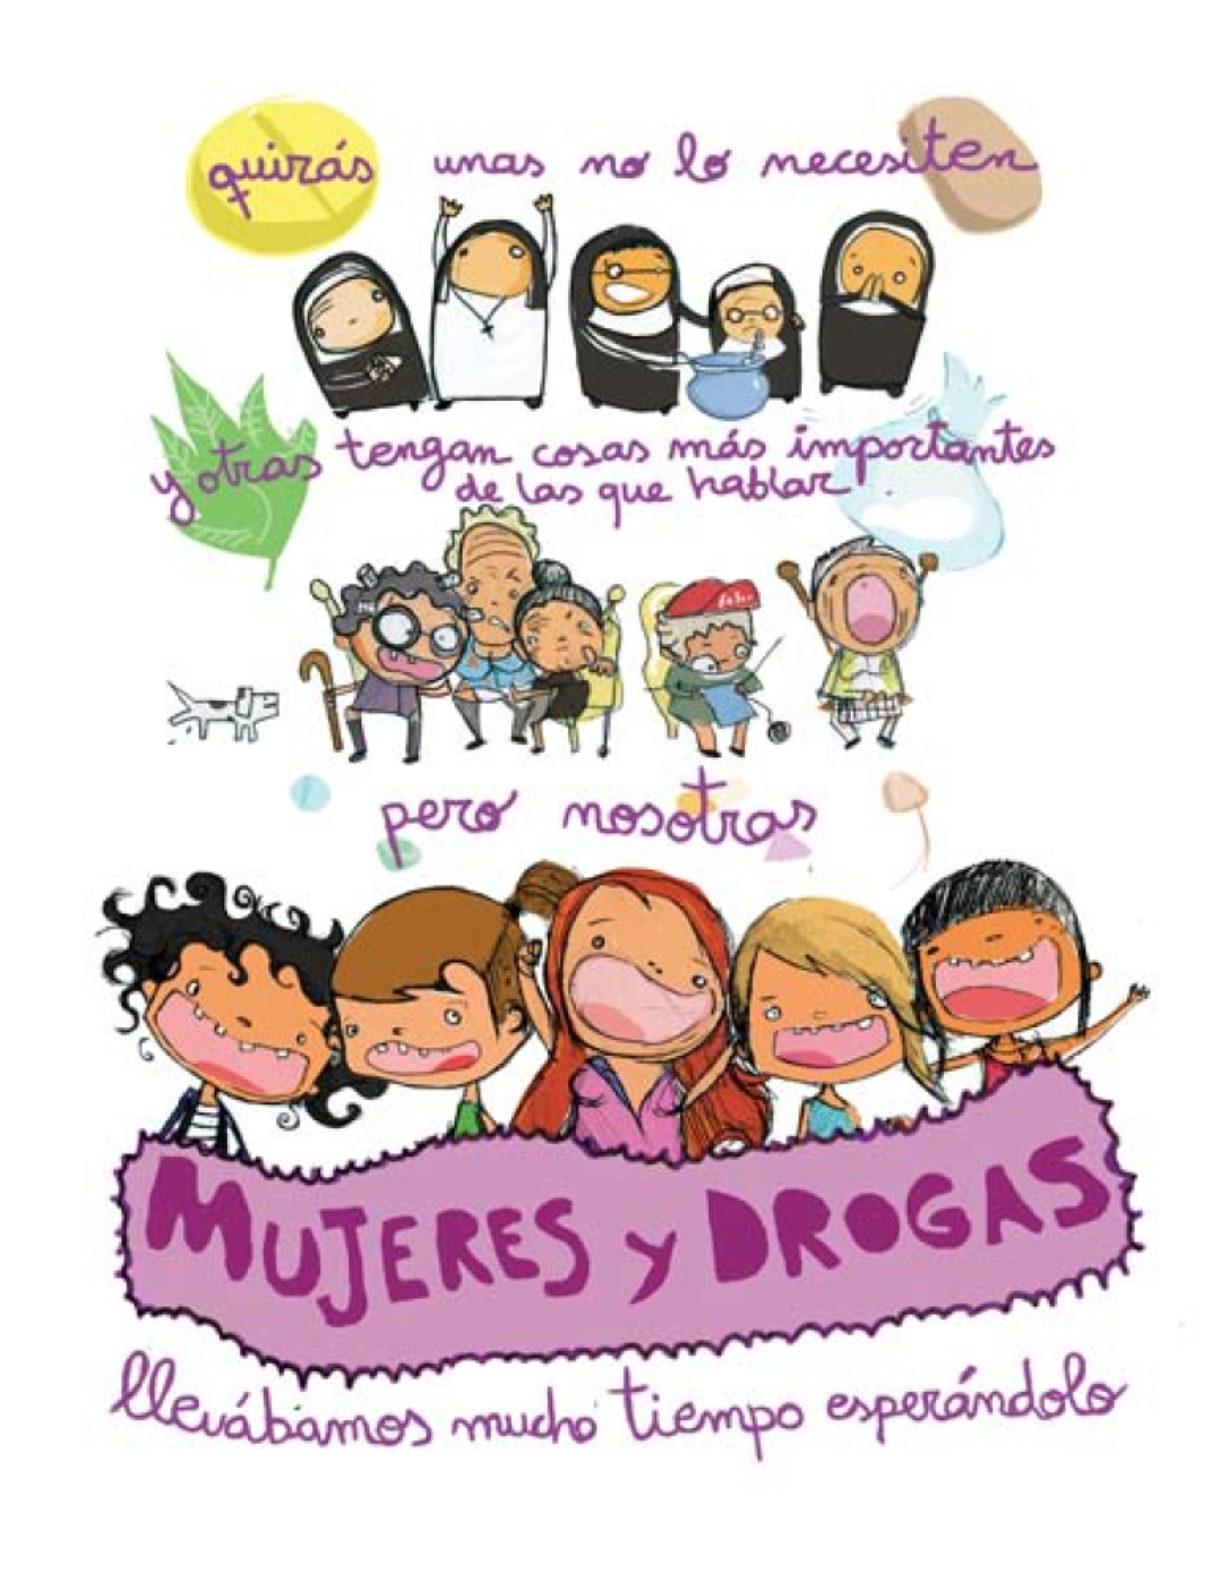 Mujeres y drogas en la fiesta